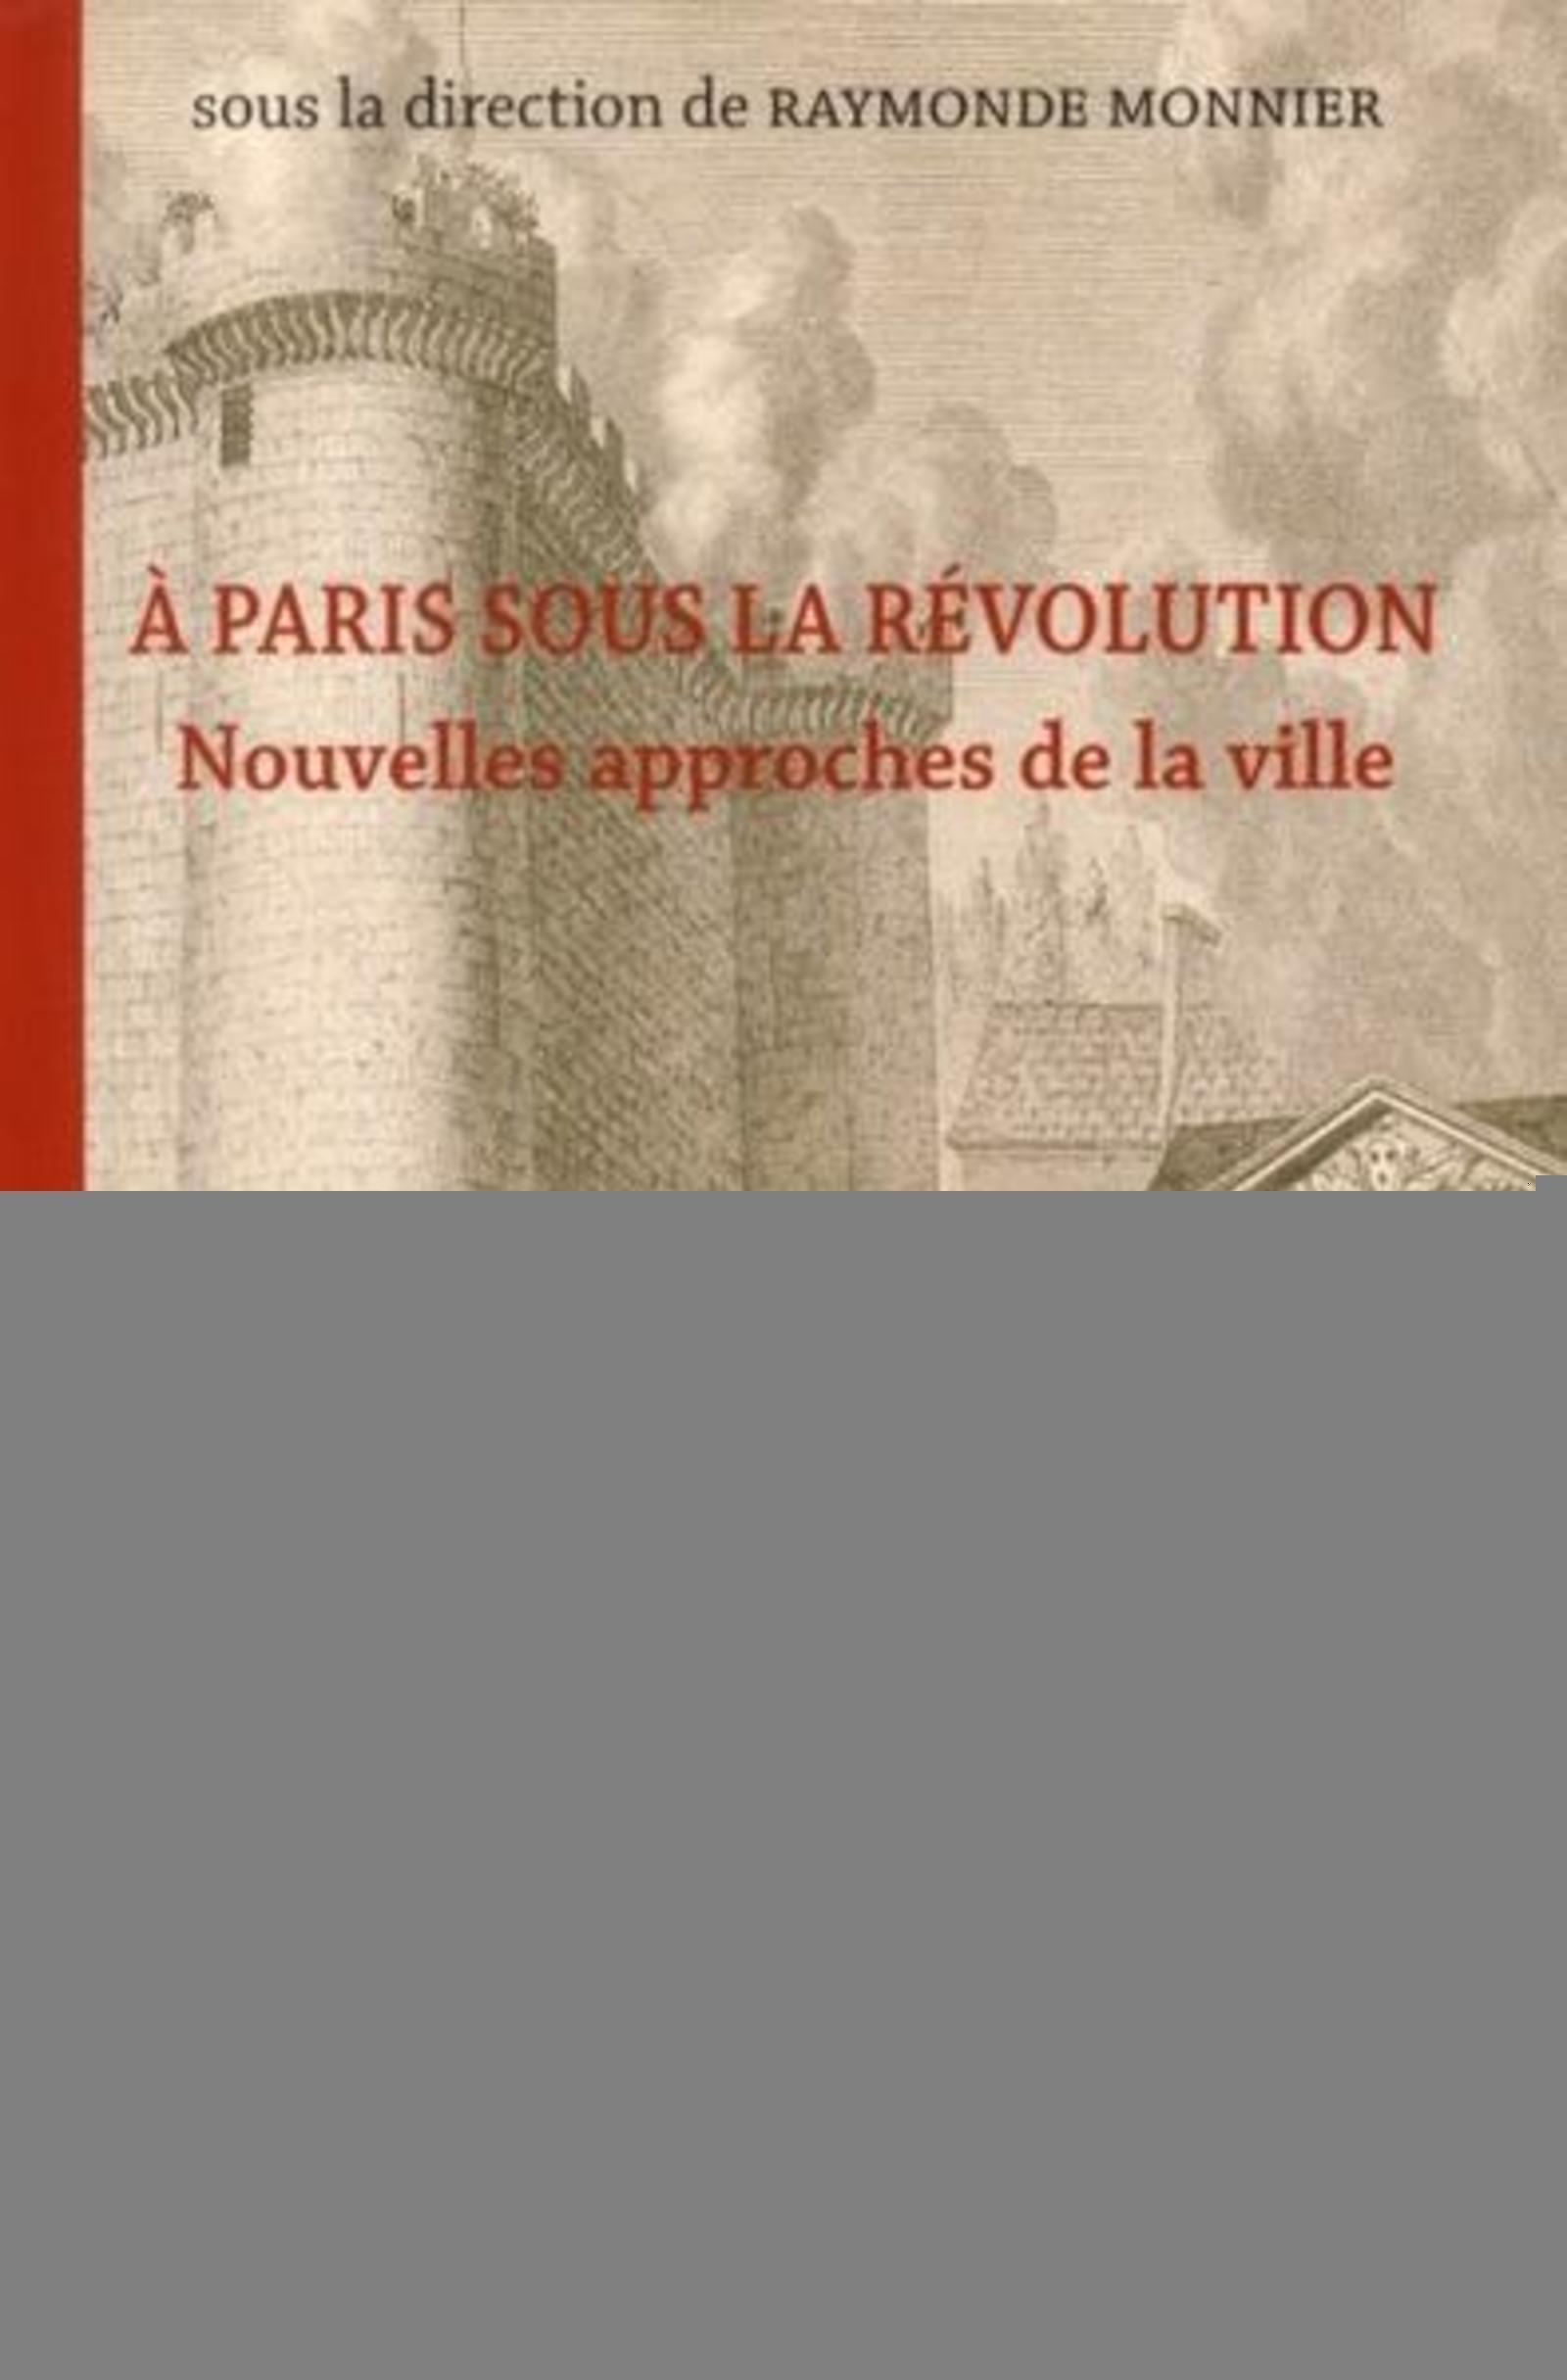 A PARIS SOUS LA REVOLUTION